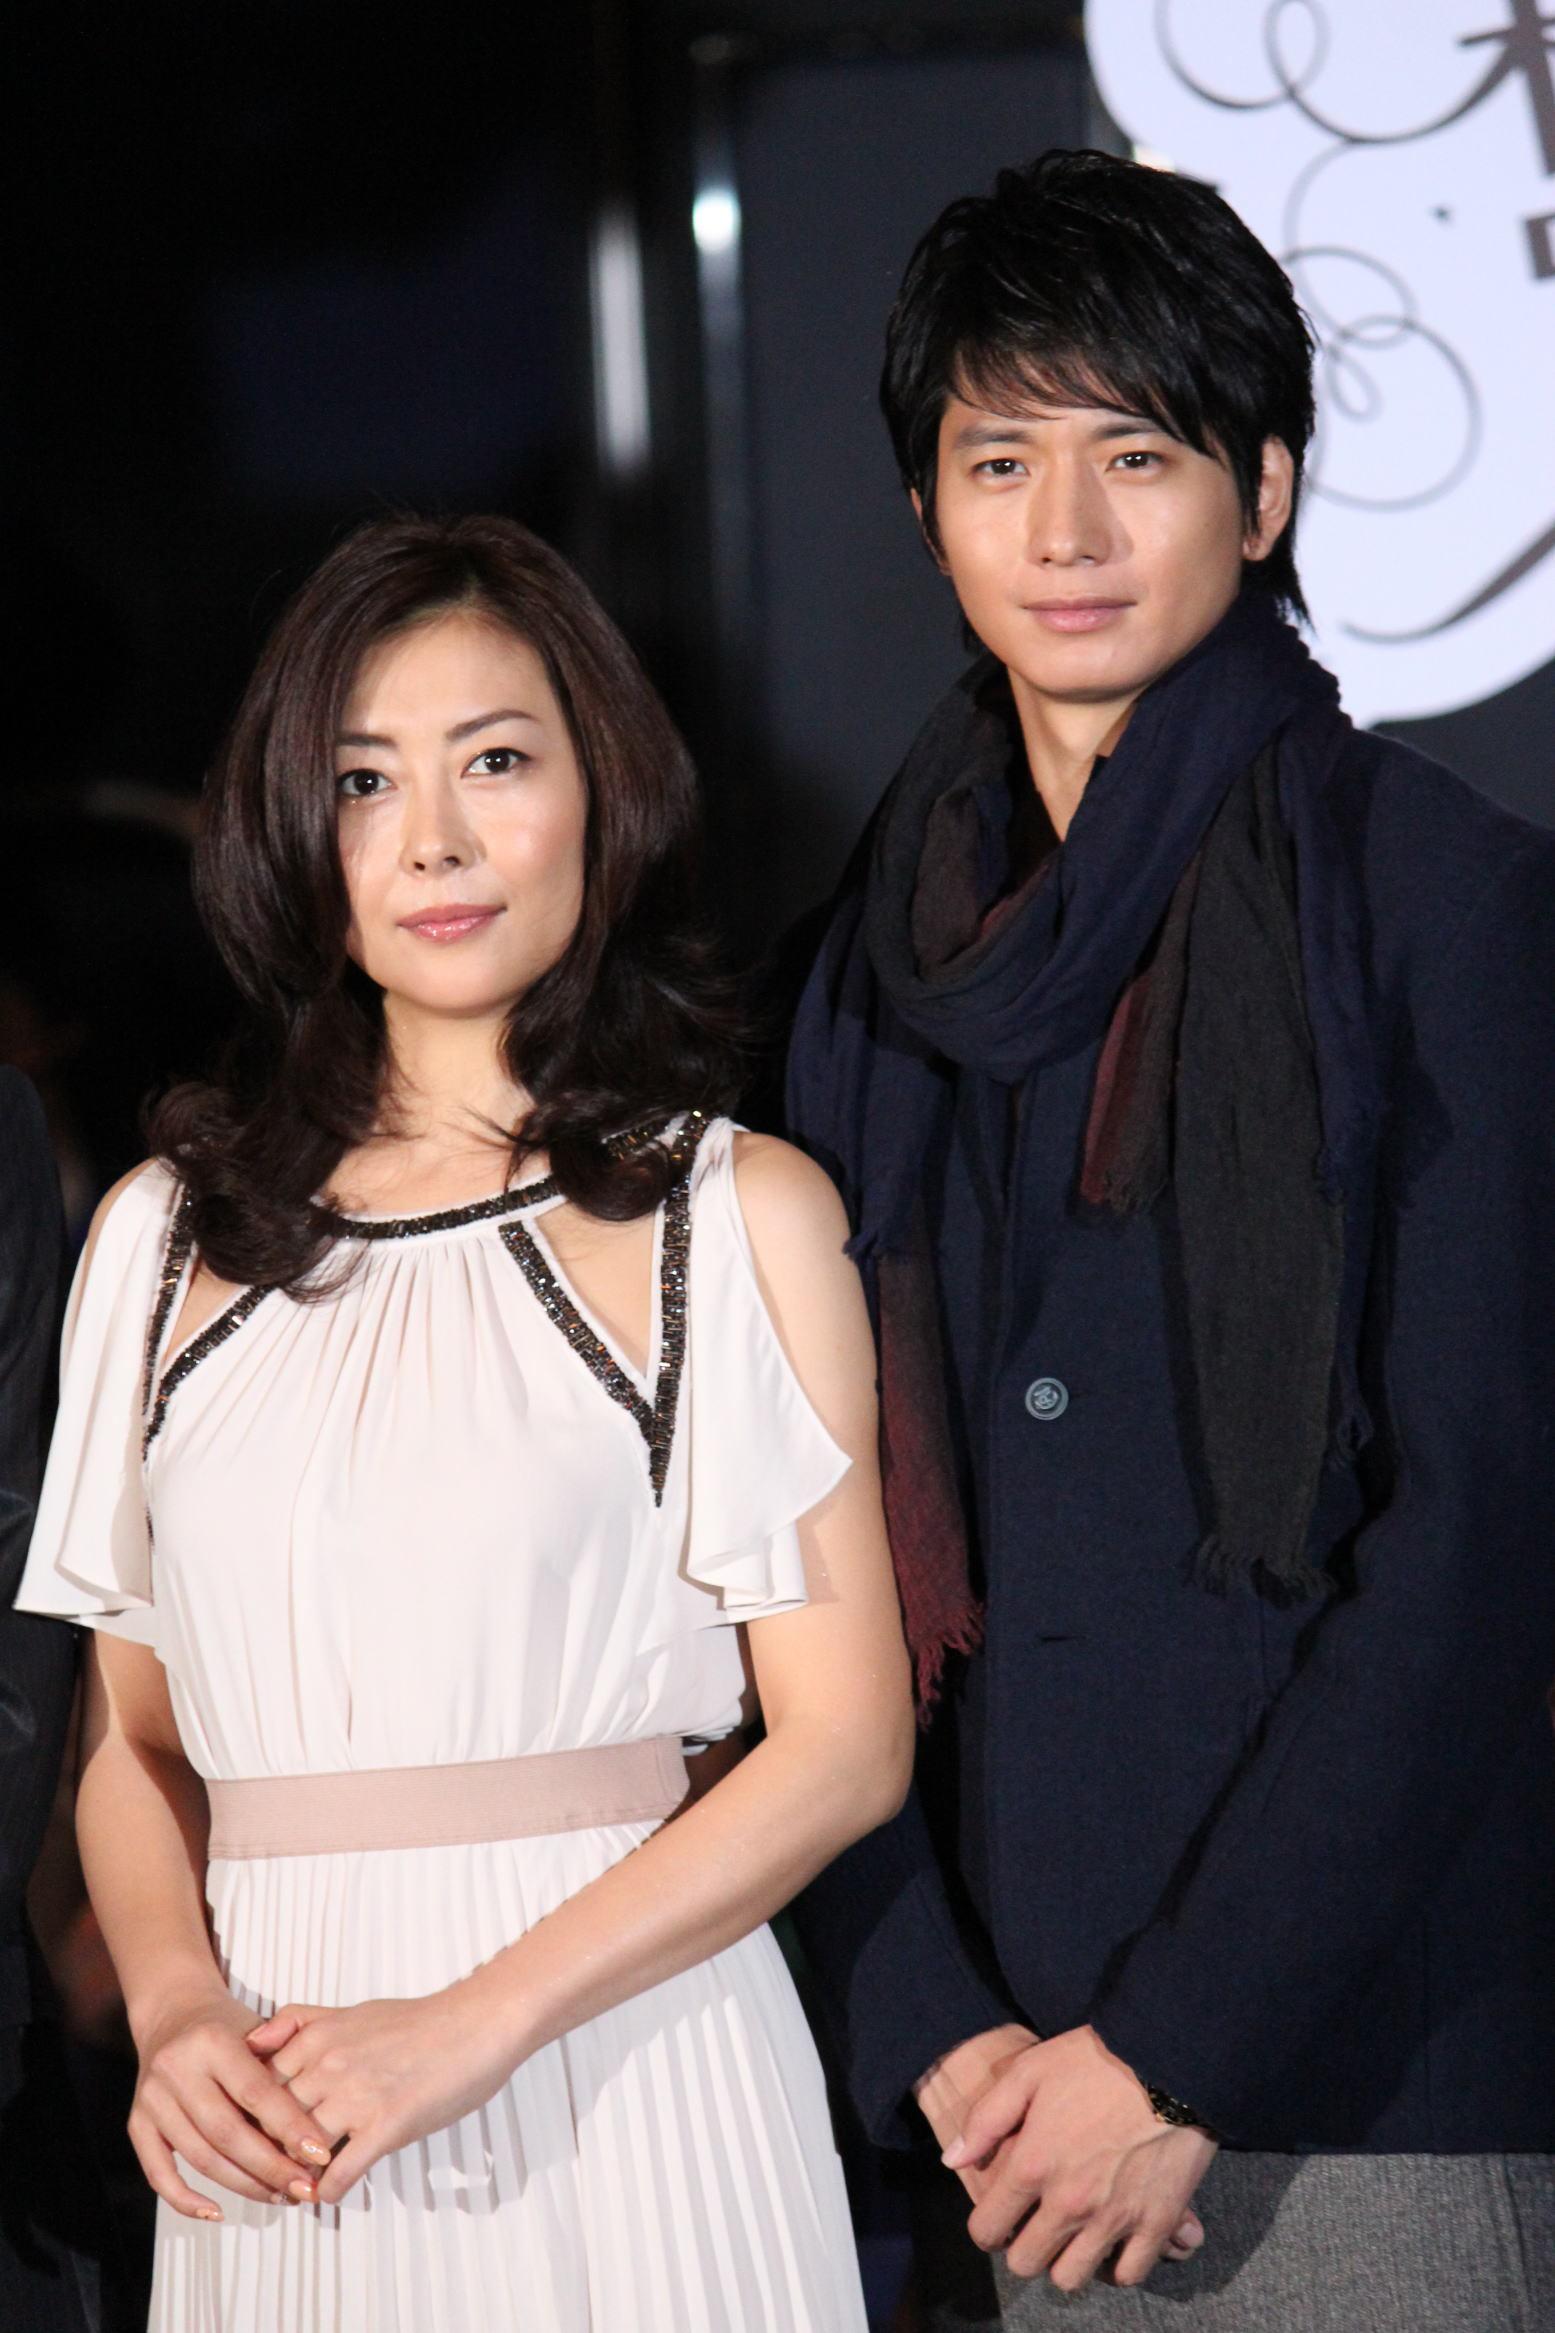 中山美穂、6年越しの主演作初日に感無量「すてきな魔法にかかって」